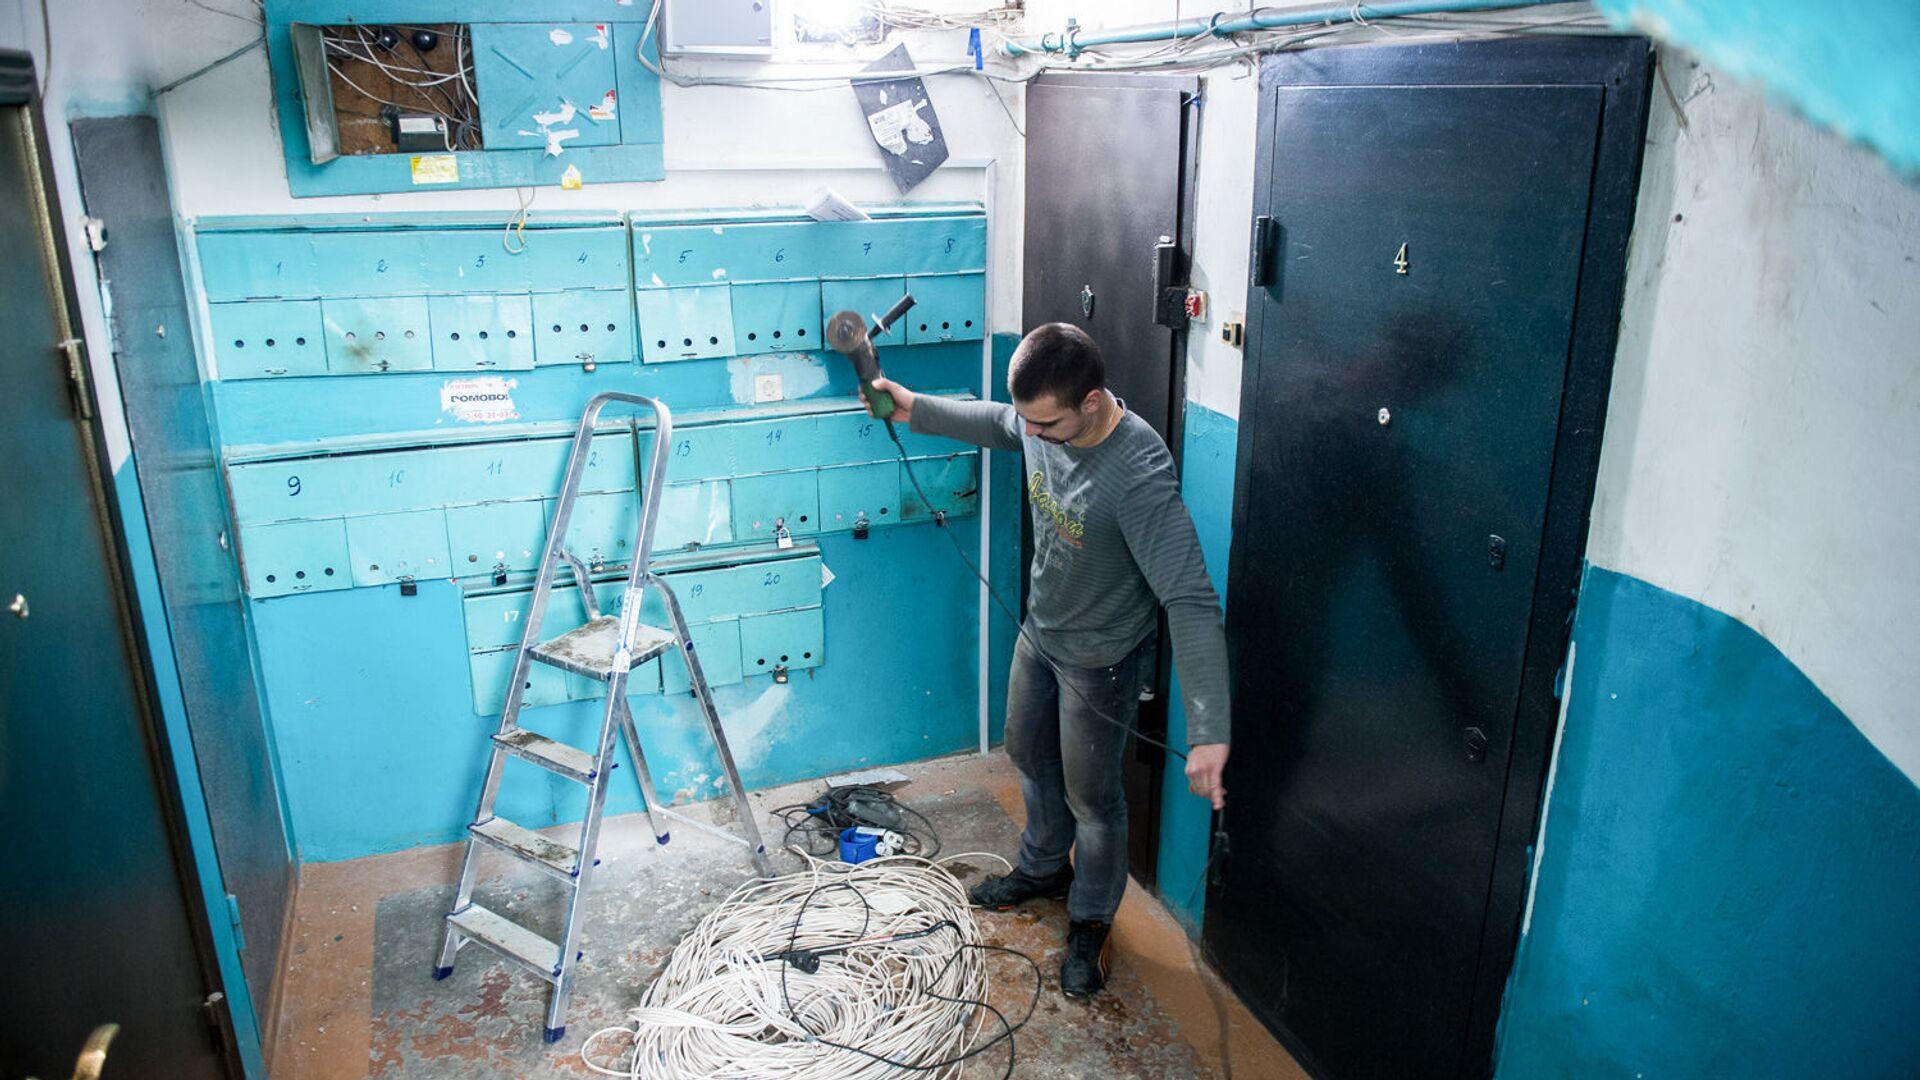 Рабочие меняют электропроводку в подъезде жилого дома - РИА Новости, 1920, 17.11.2020